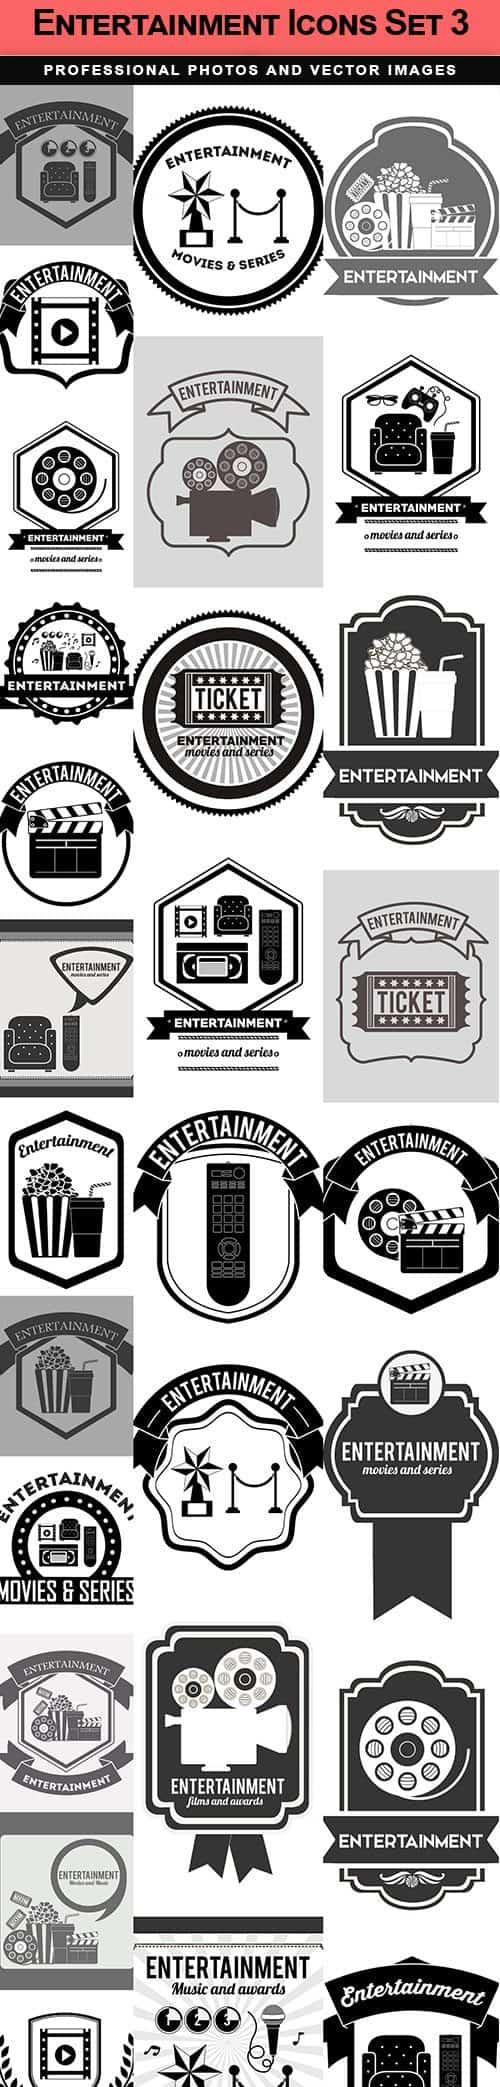 Entertainment Icons Set 3